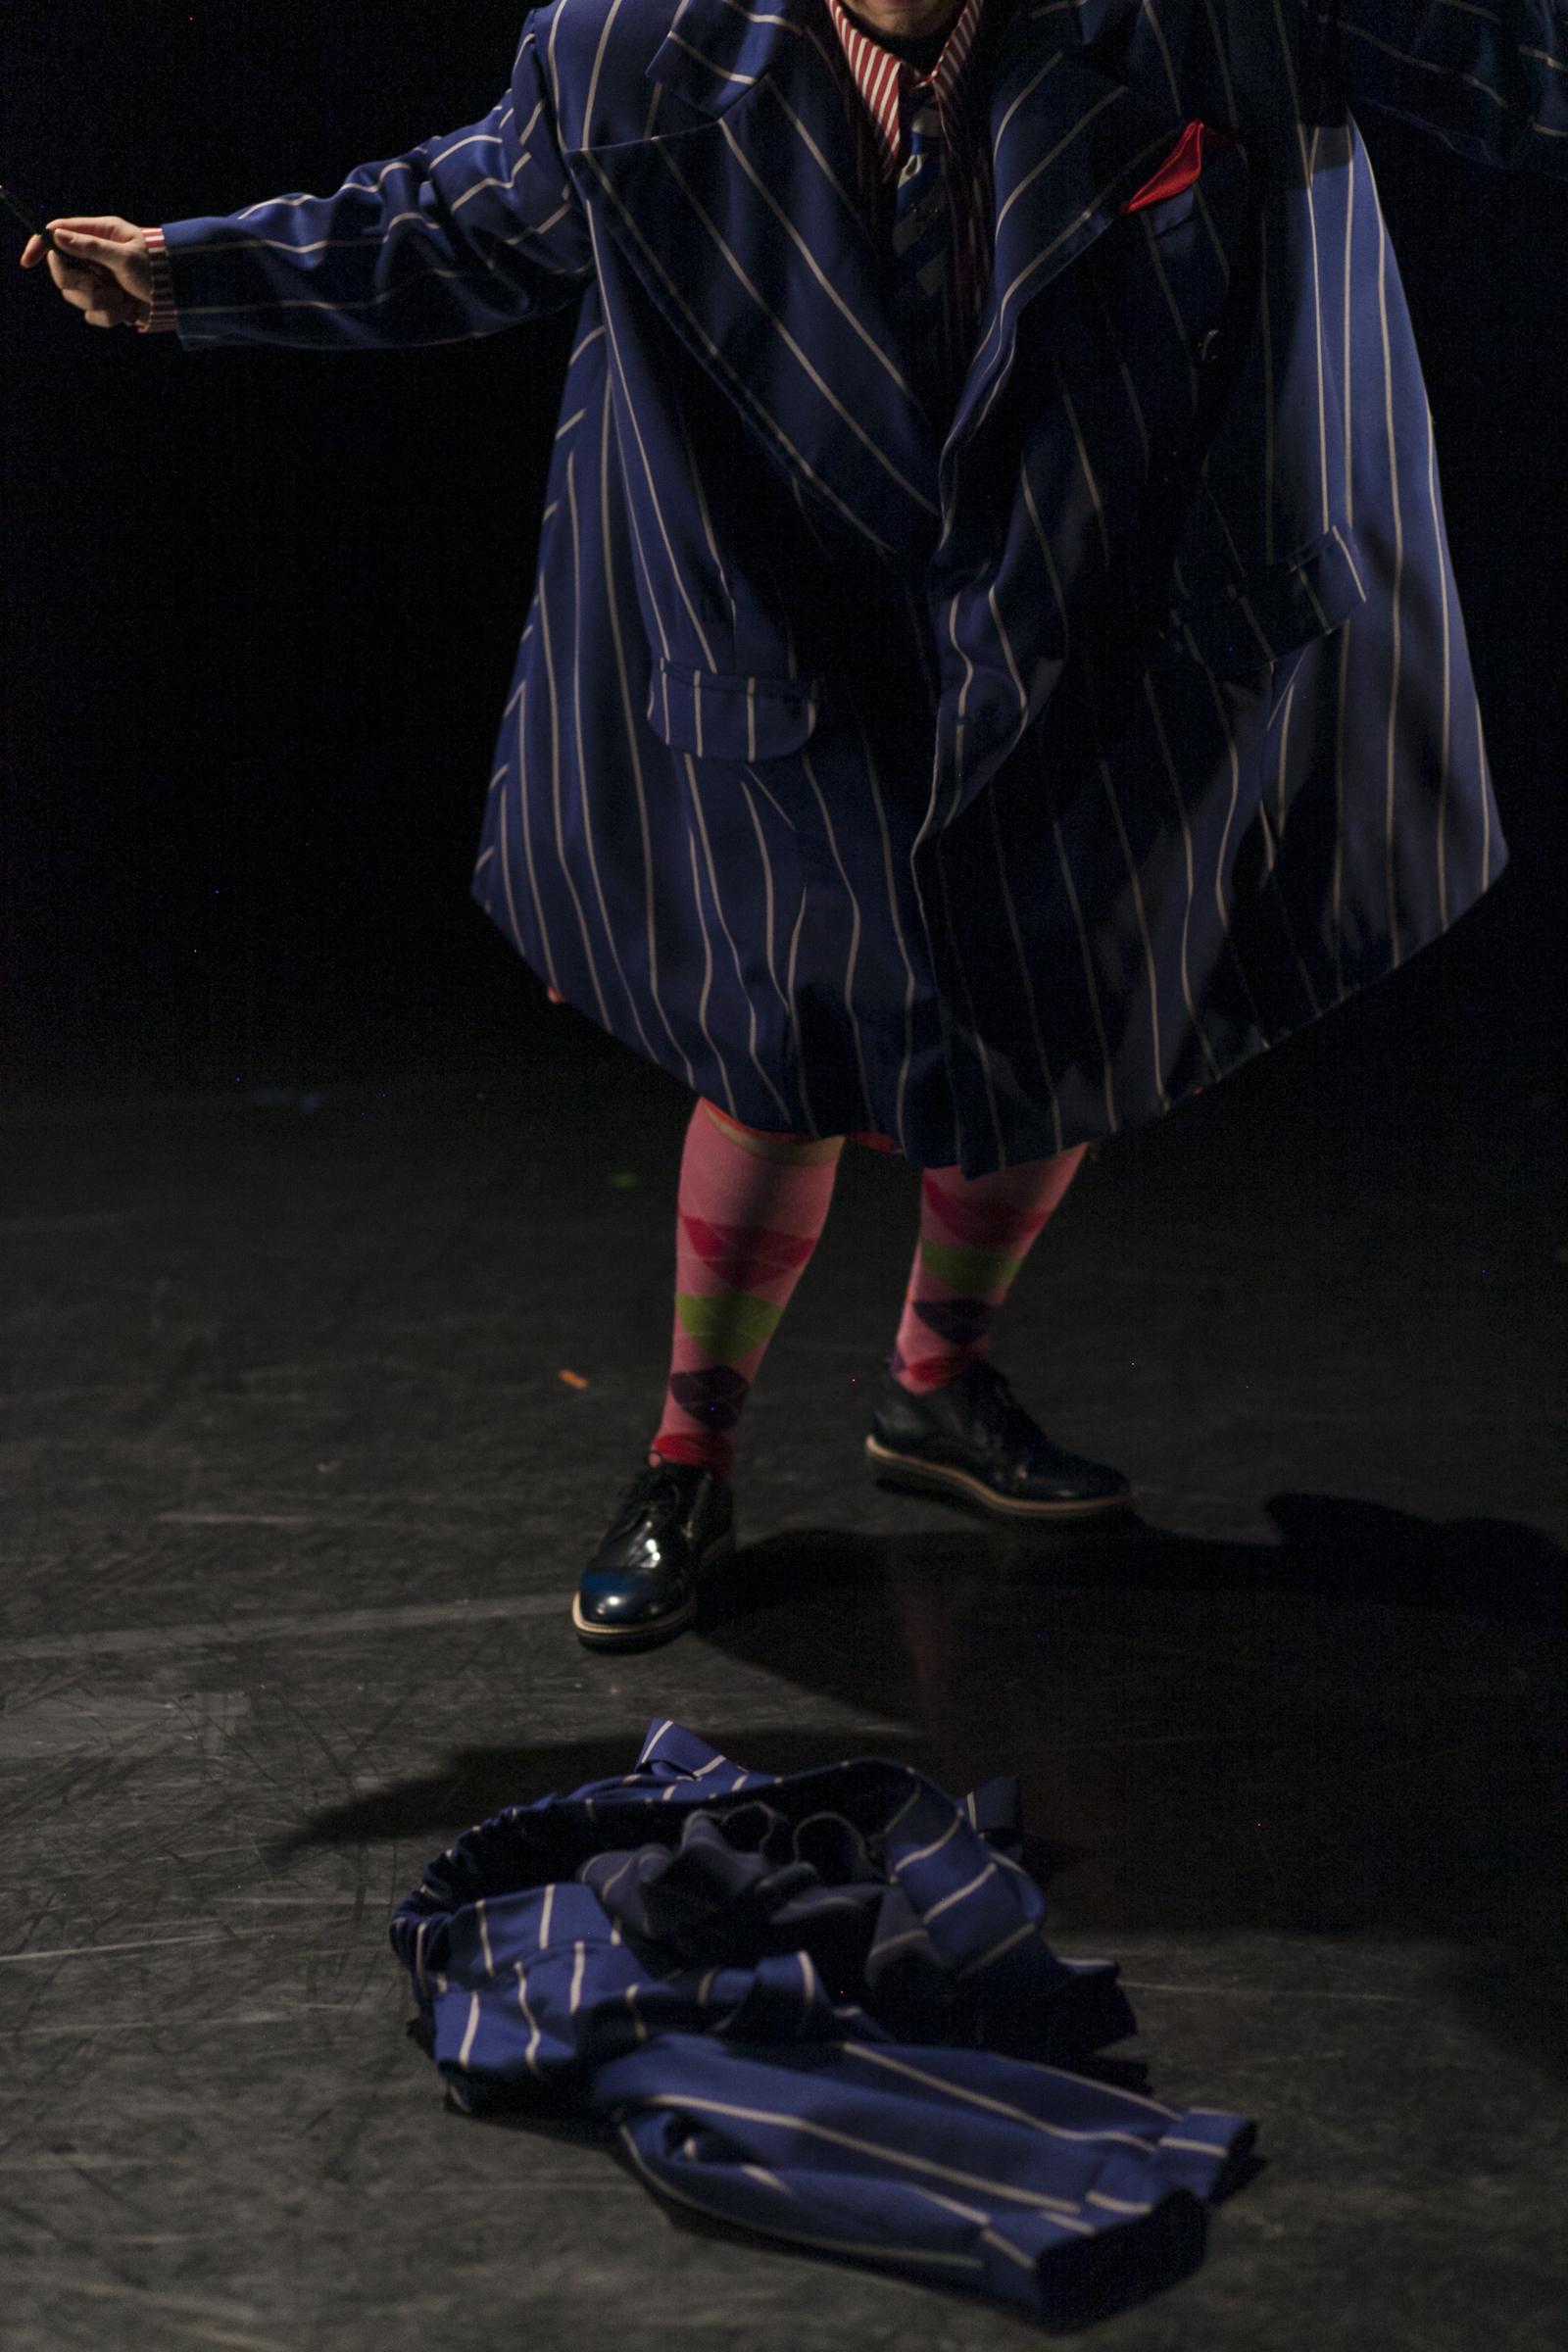 LCFMA19-CostumeShow-OliverTo-15.jpg